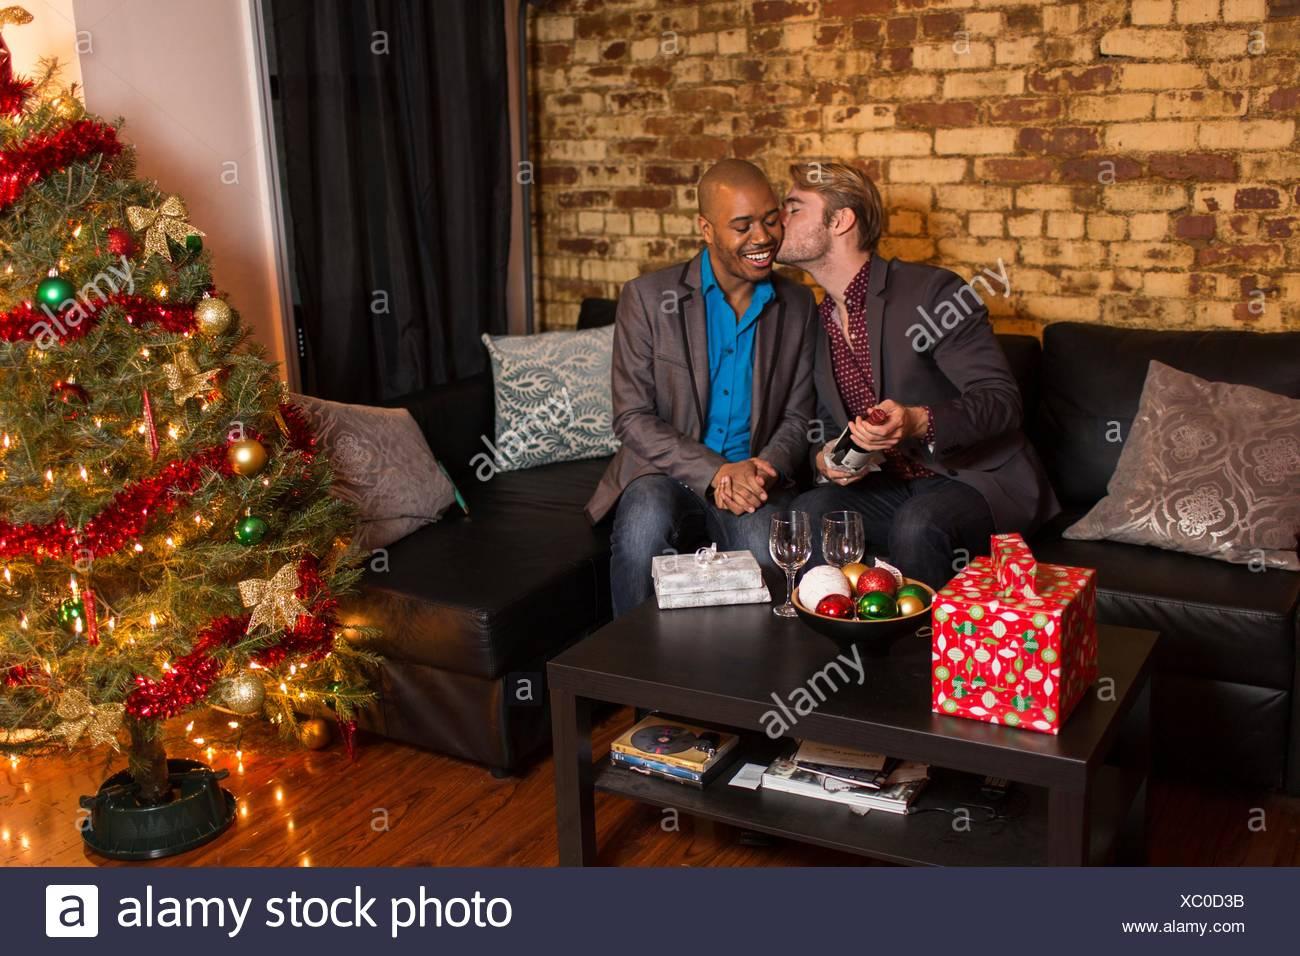 Männlichen Partner Weihnachten zu feiern, junger Mann mit partner ...